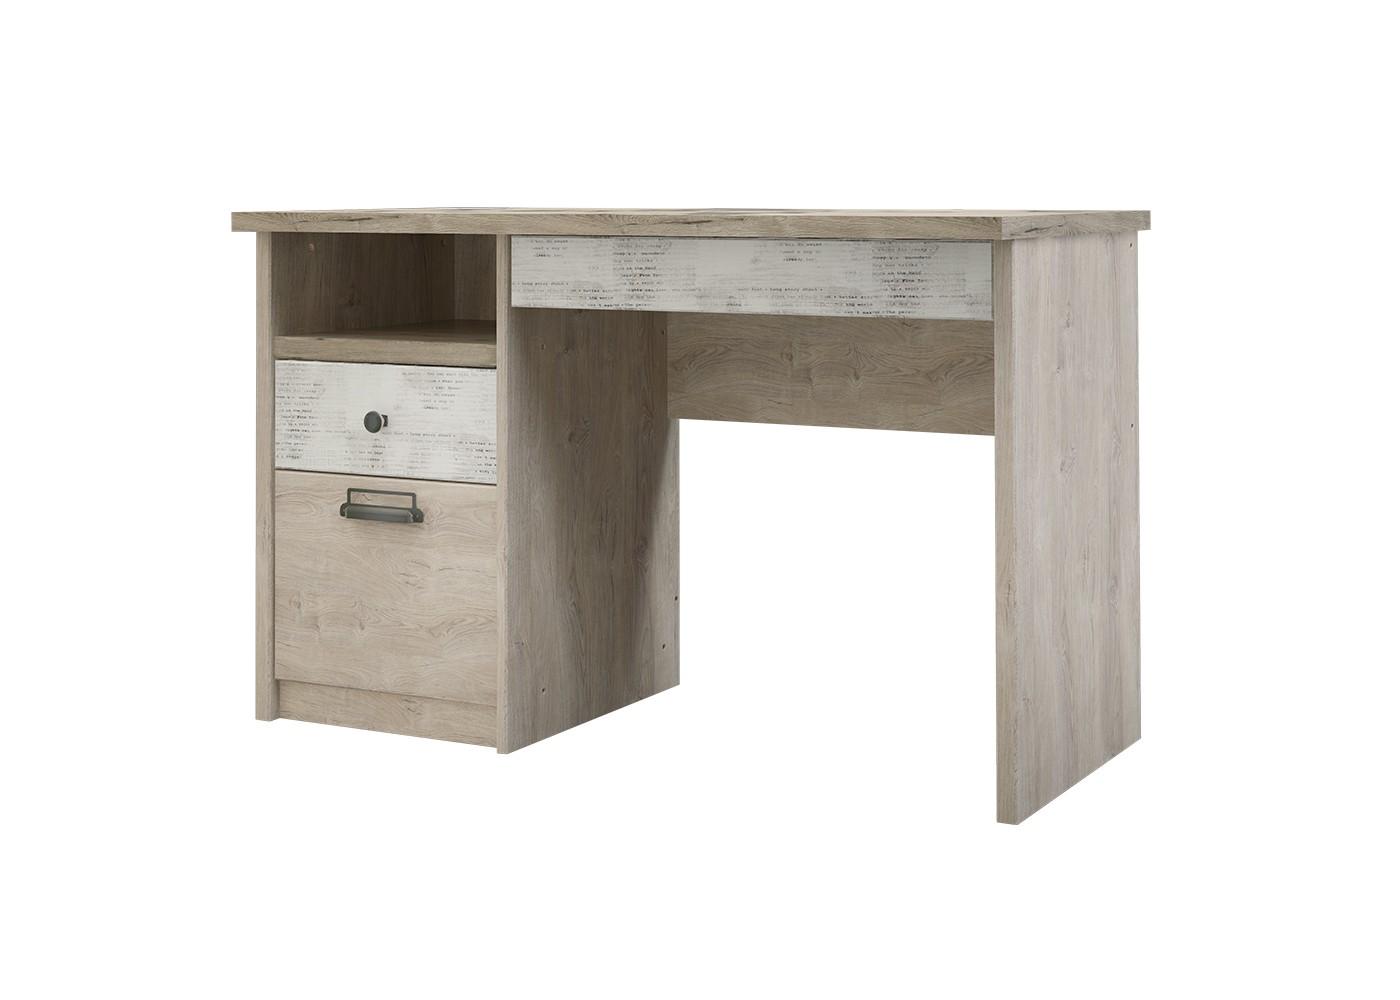 Стол DieselПисьменные столы<br>Коллекция для молодежной комнаты DIESEL- это сочетание функциональности и уникальности дизайна. Характерные ручки в стиле &amp;quot;лофт&amp;quot;, вставки из рифленого стекла, используемого на фасадах витрин, оригинальное сочетание цветов фасадов - всё это дает возможность создать стильный и индивидуальный интерьер.&amp;amp;nbsp;<br><br>Material: ДСП<br>Width см: 120<br>Depth см: 60<br>Height см: 75.6